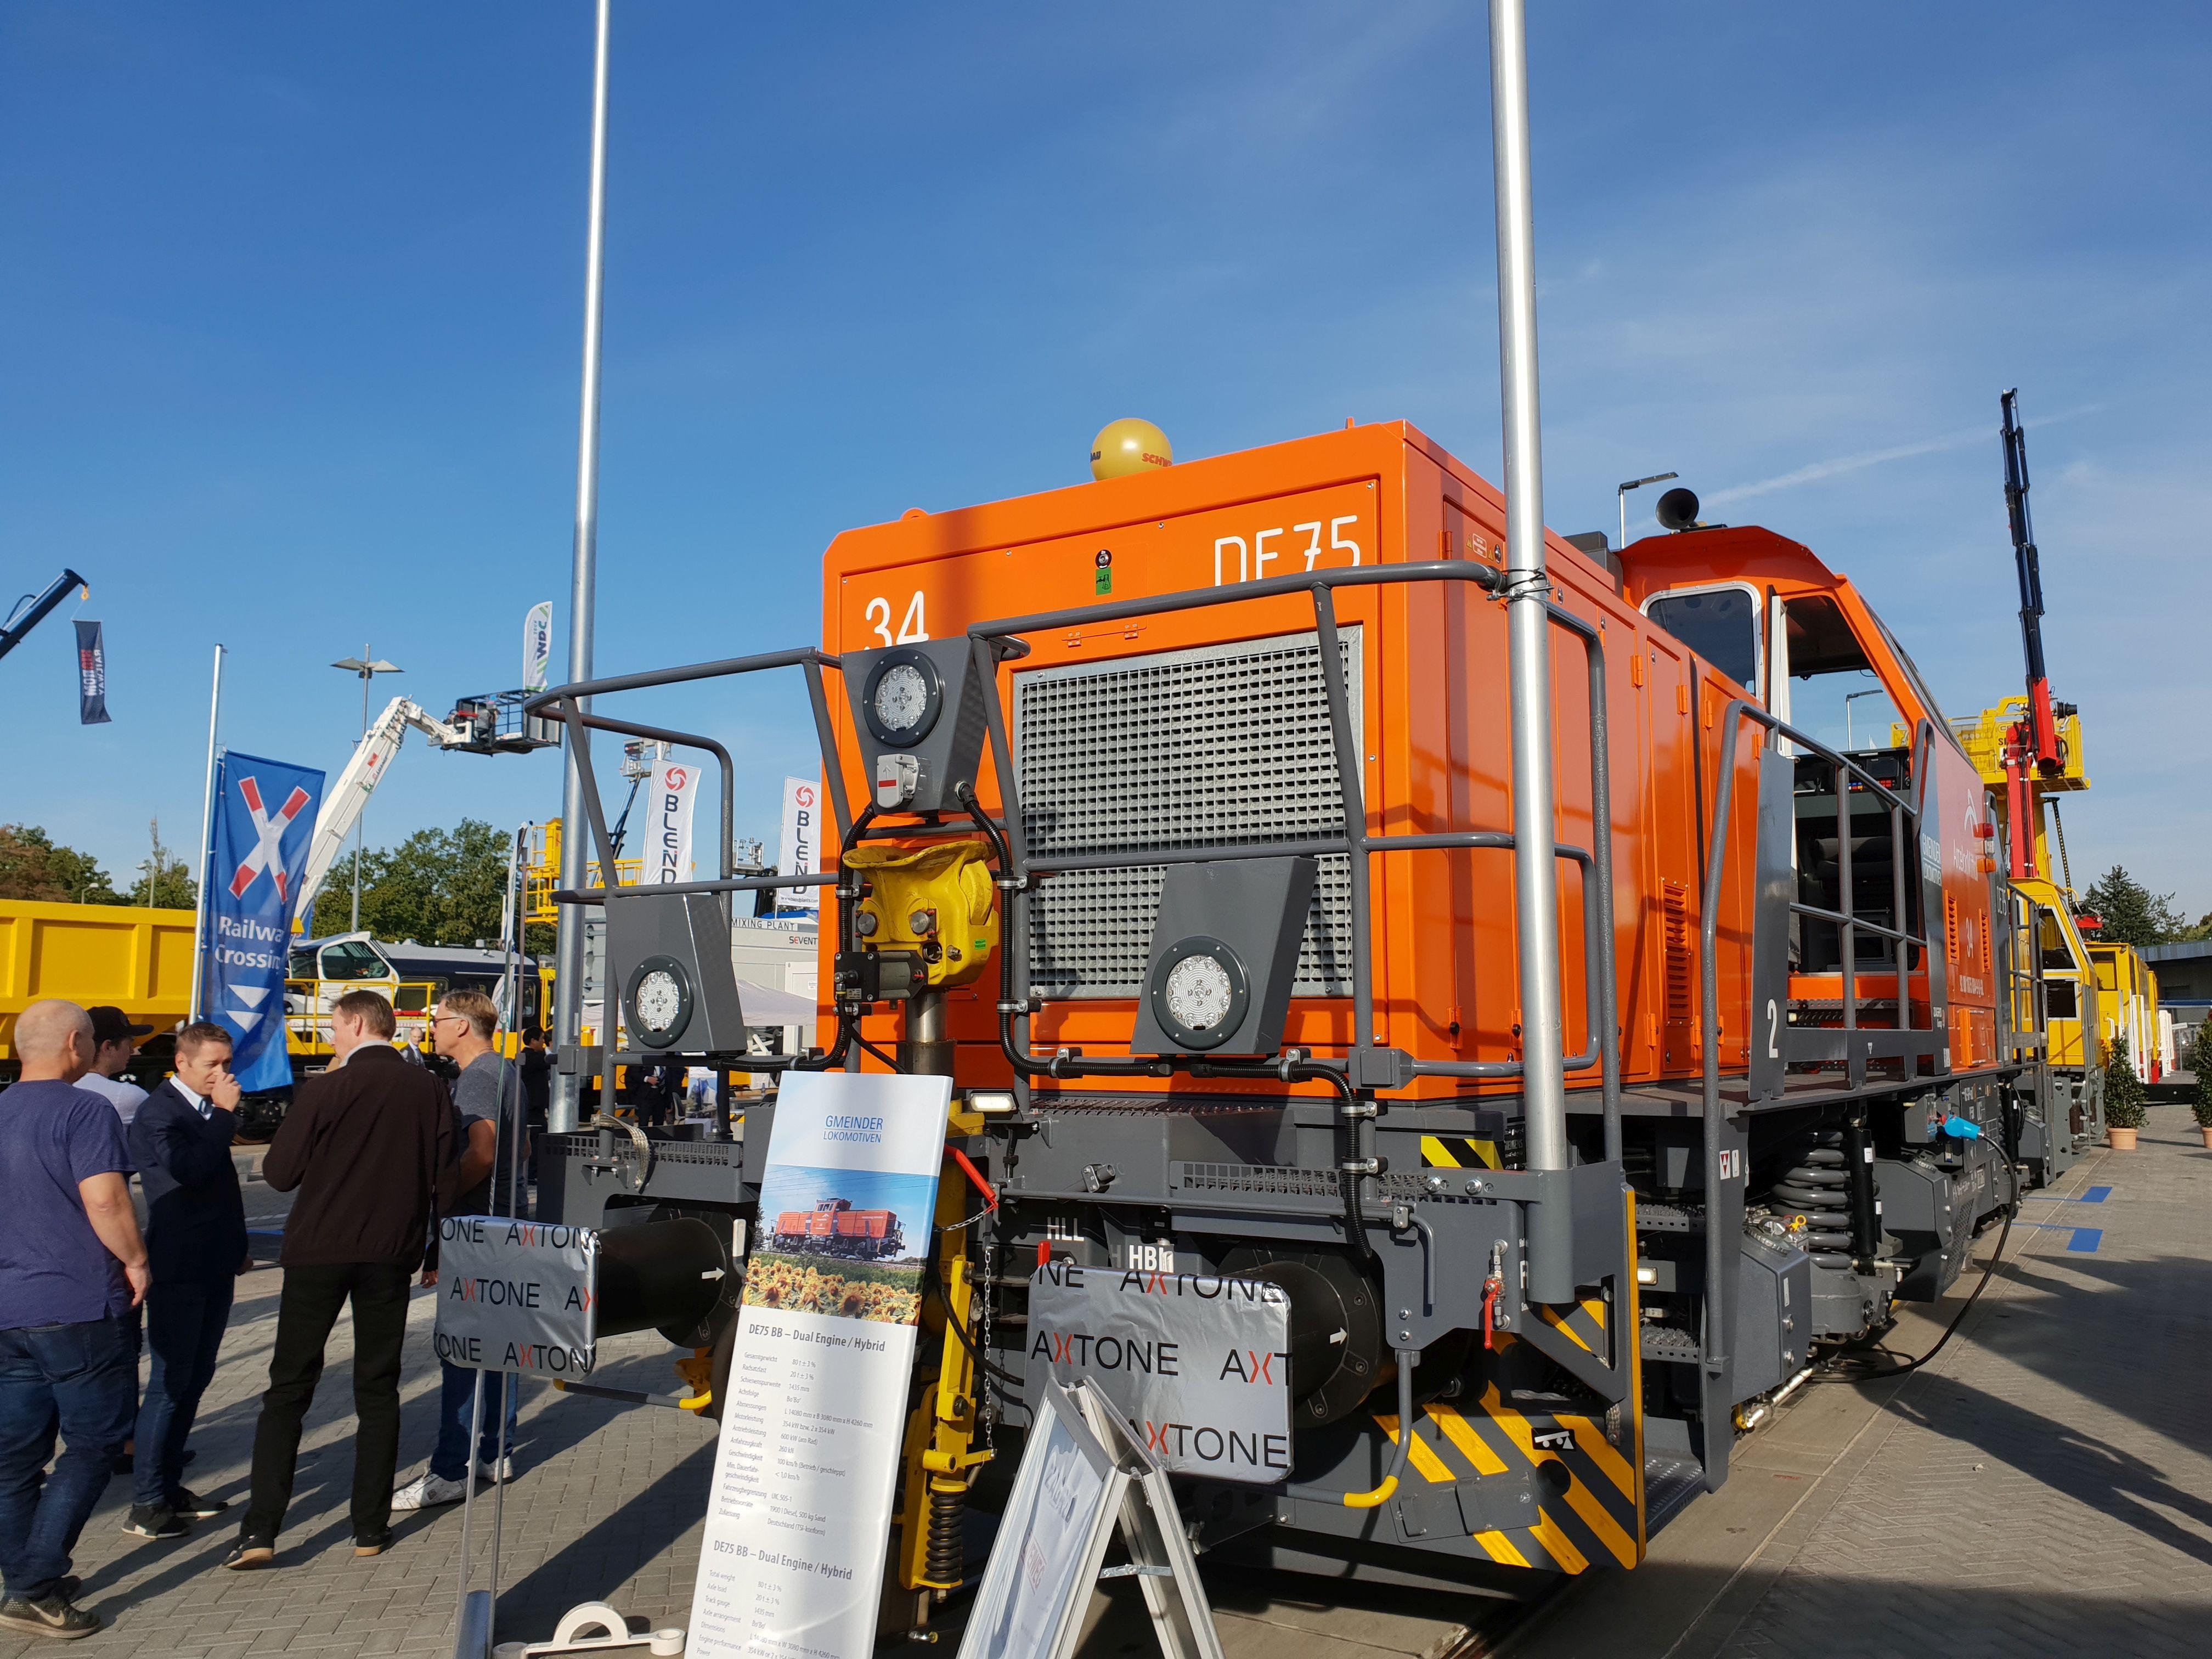 Foto: Gmeinder Diesellok DE75 Hybrid auf der Berliner Innotrans 2018